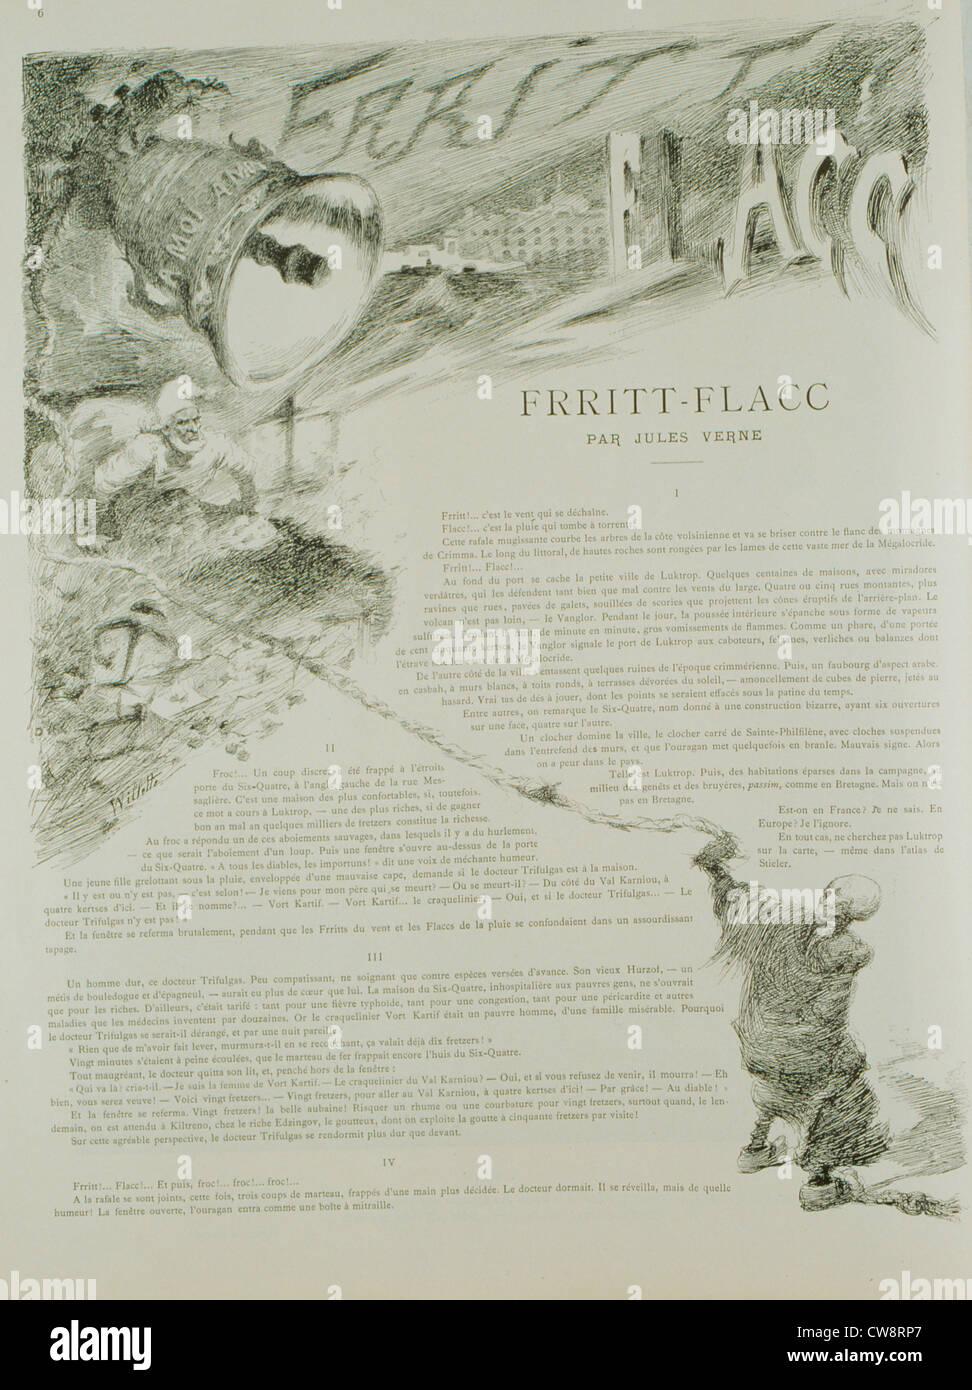 Frritt Flacc Short Story Jules Verne Illustration Willette